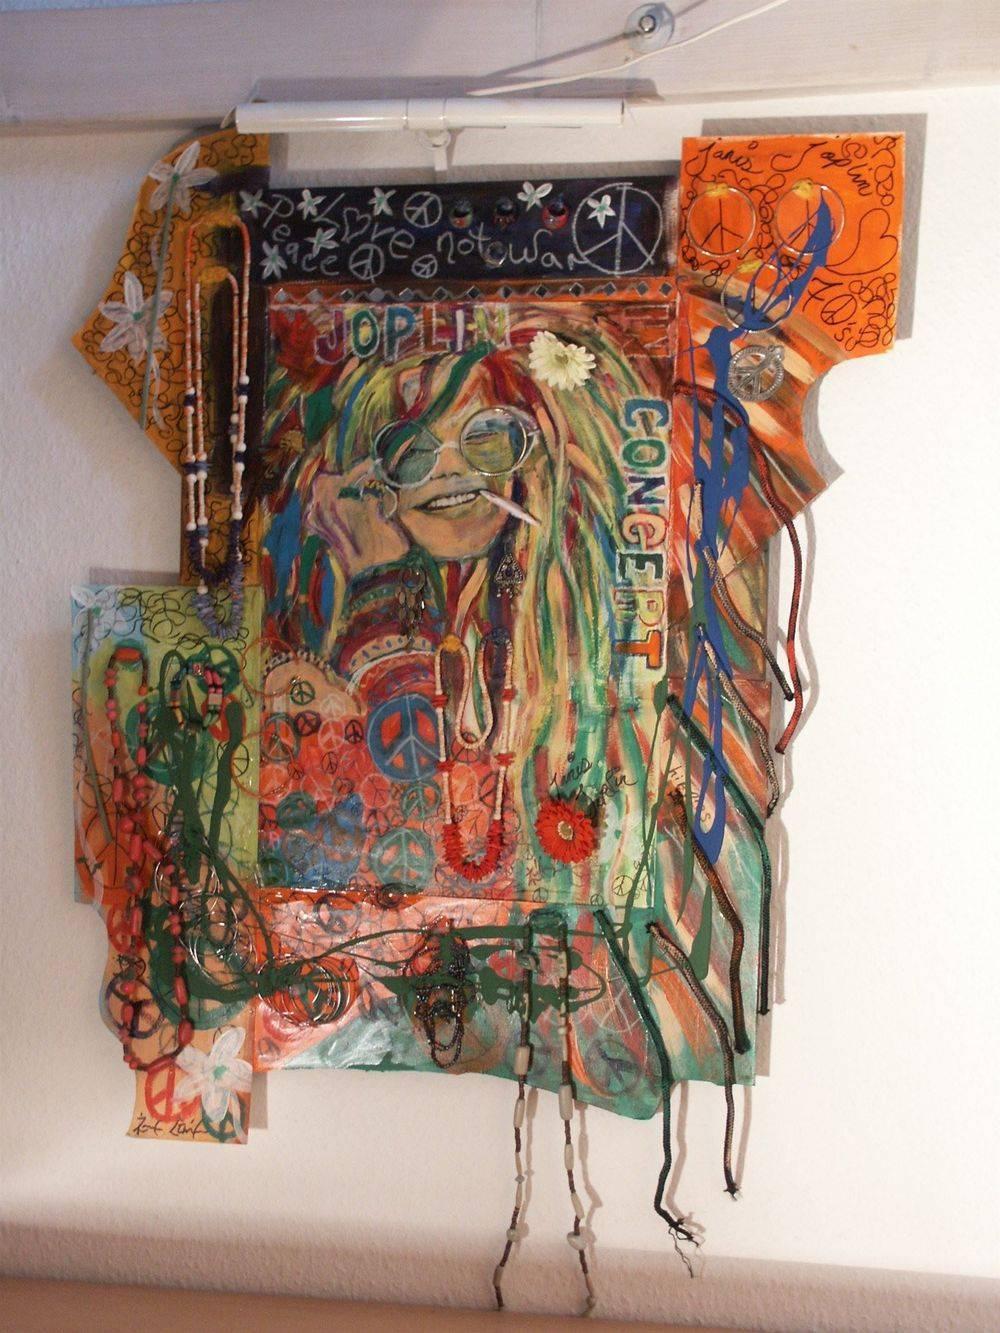 Janis Joplin approx. 70 x 95 cm